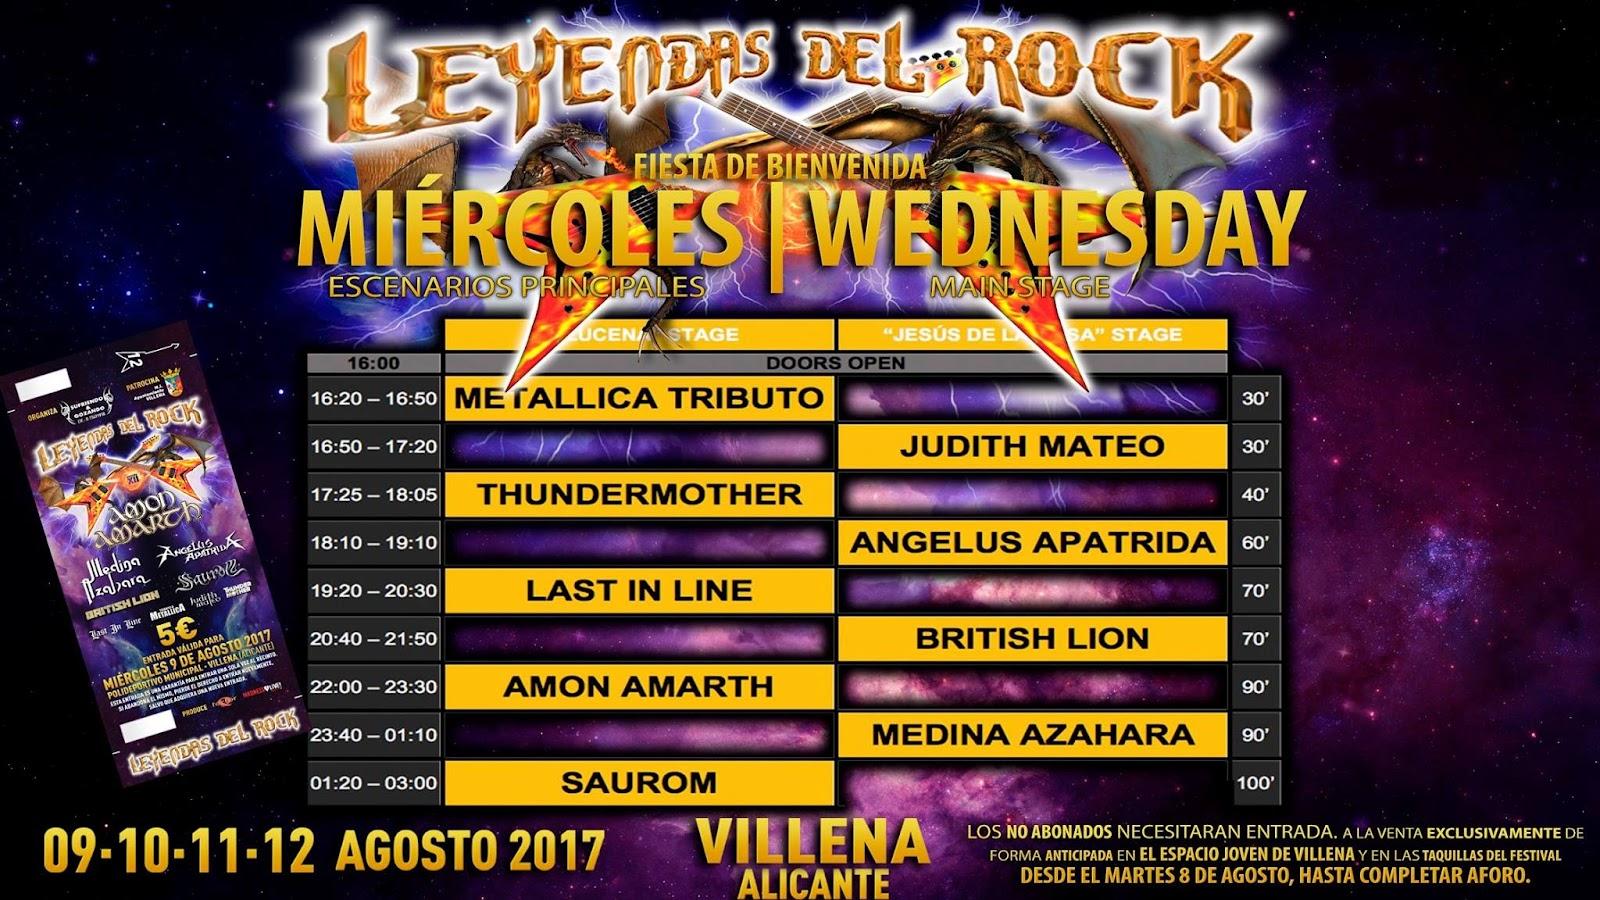 leyendas del rock horarios miercoles